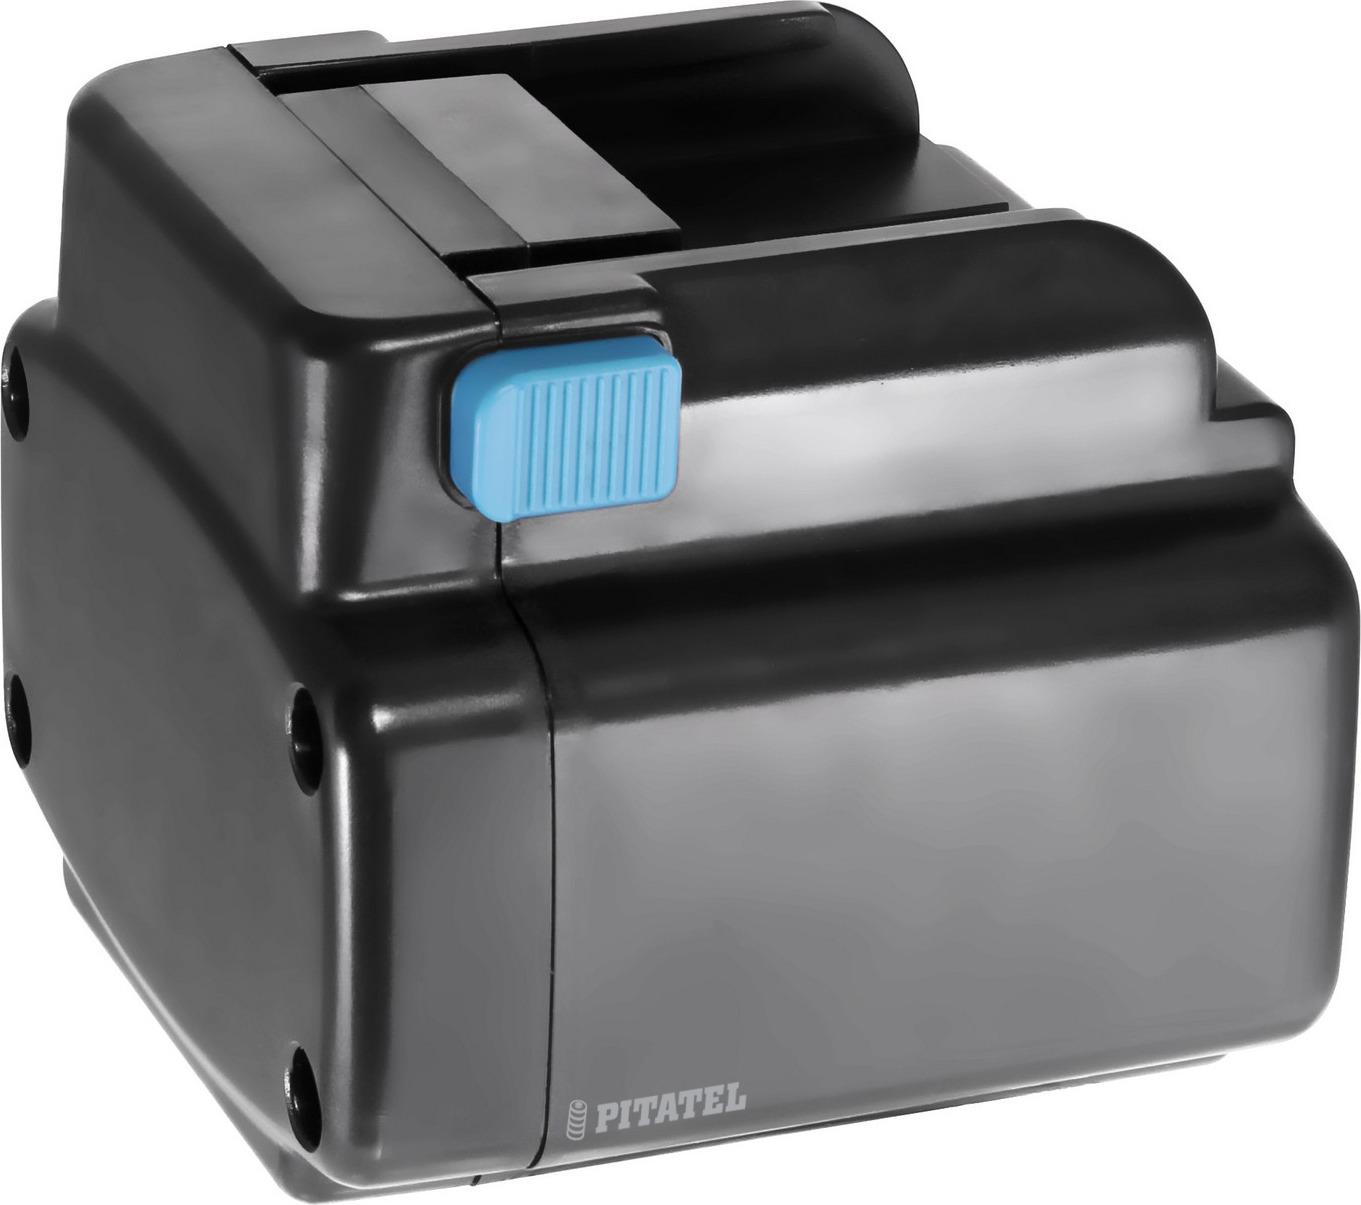 Аккумулятор для инструмента Pitatel для HITACHI. TSB-029-HIT24-30M projector lamp for hitachi cp wx410 bulb p n dt00911 78 6969 9947 9 220w uhb id lmp1283